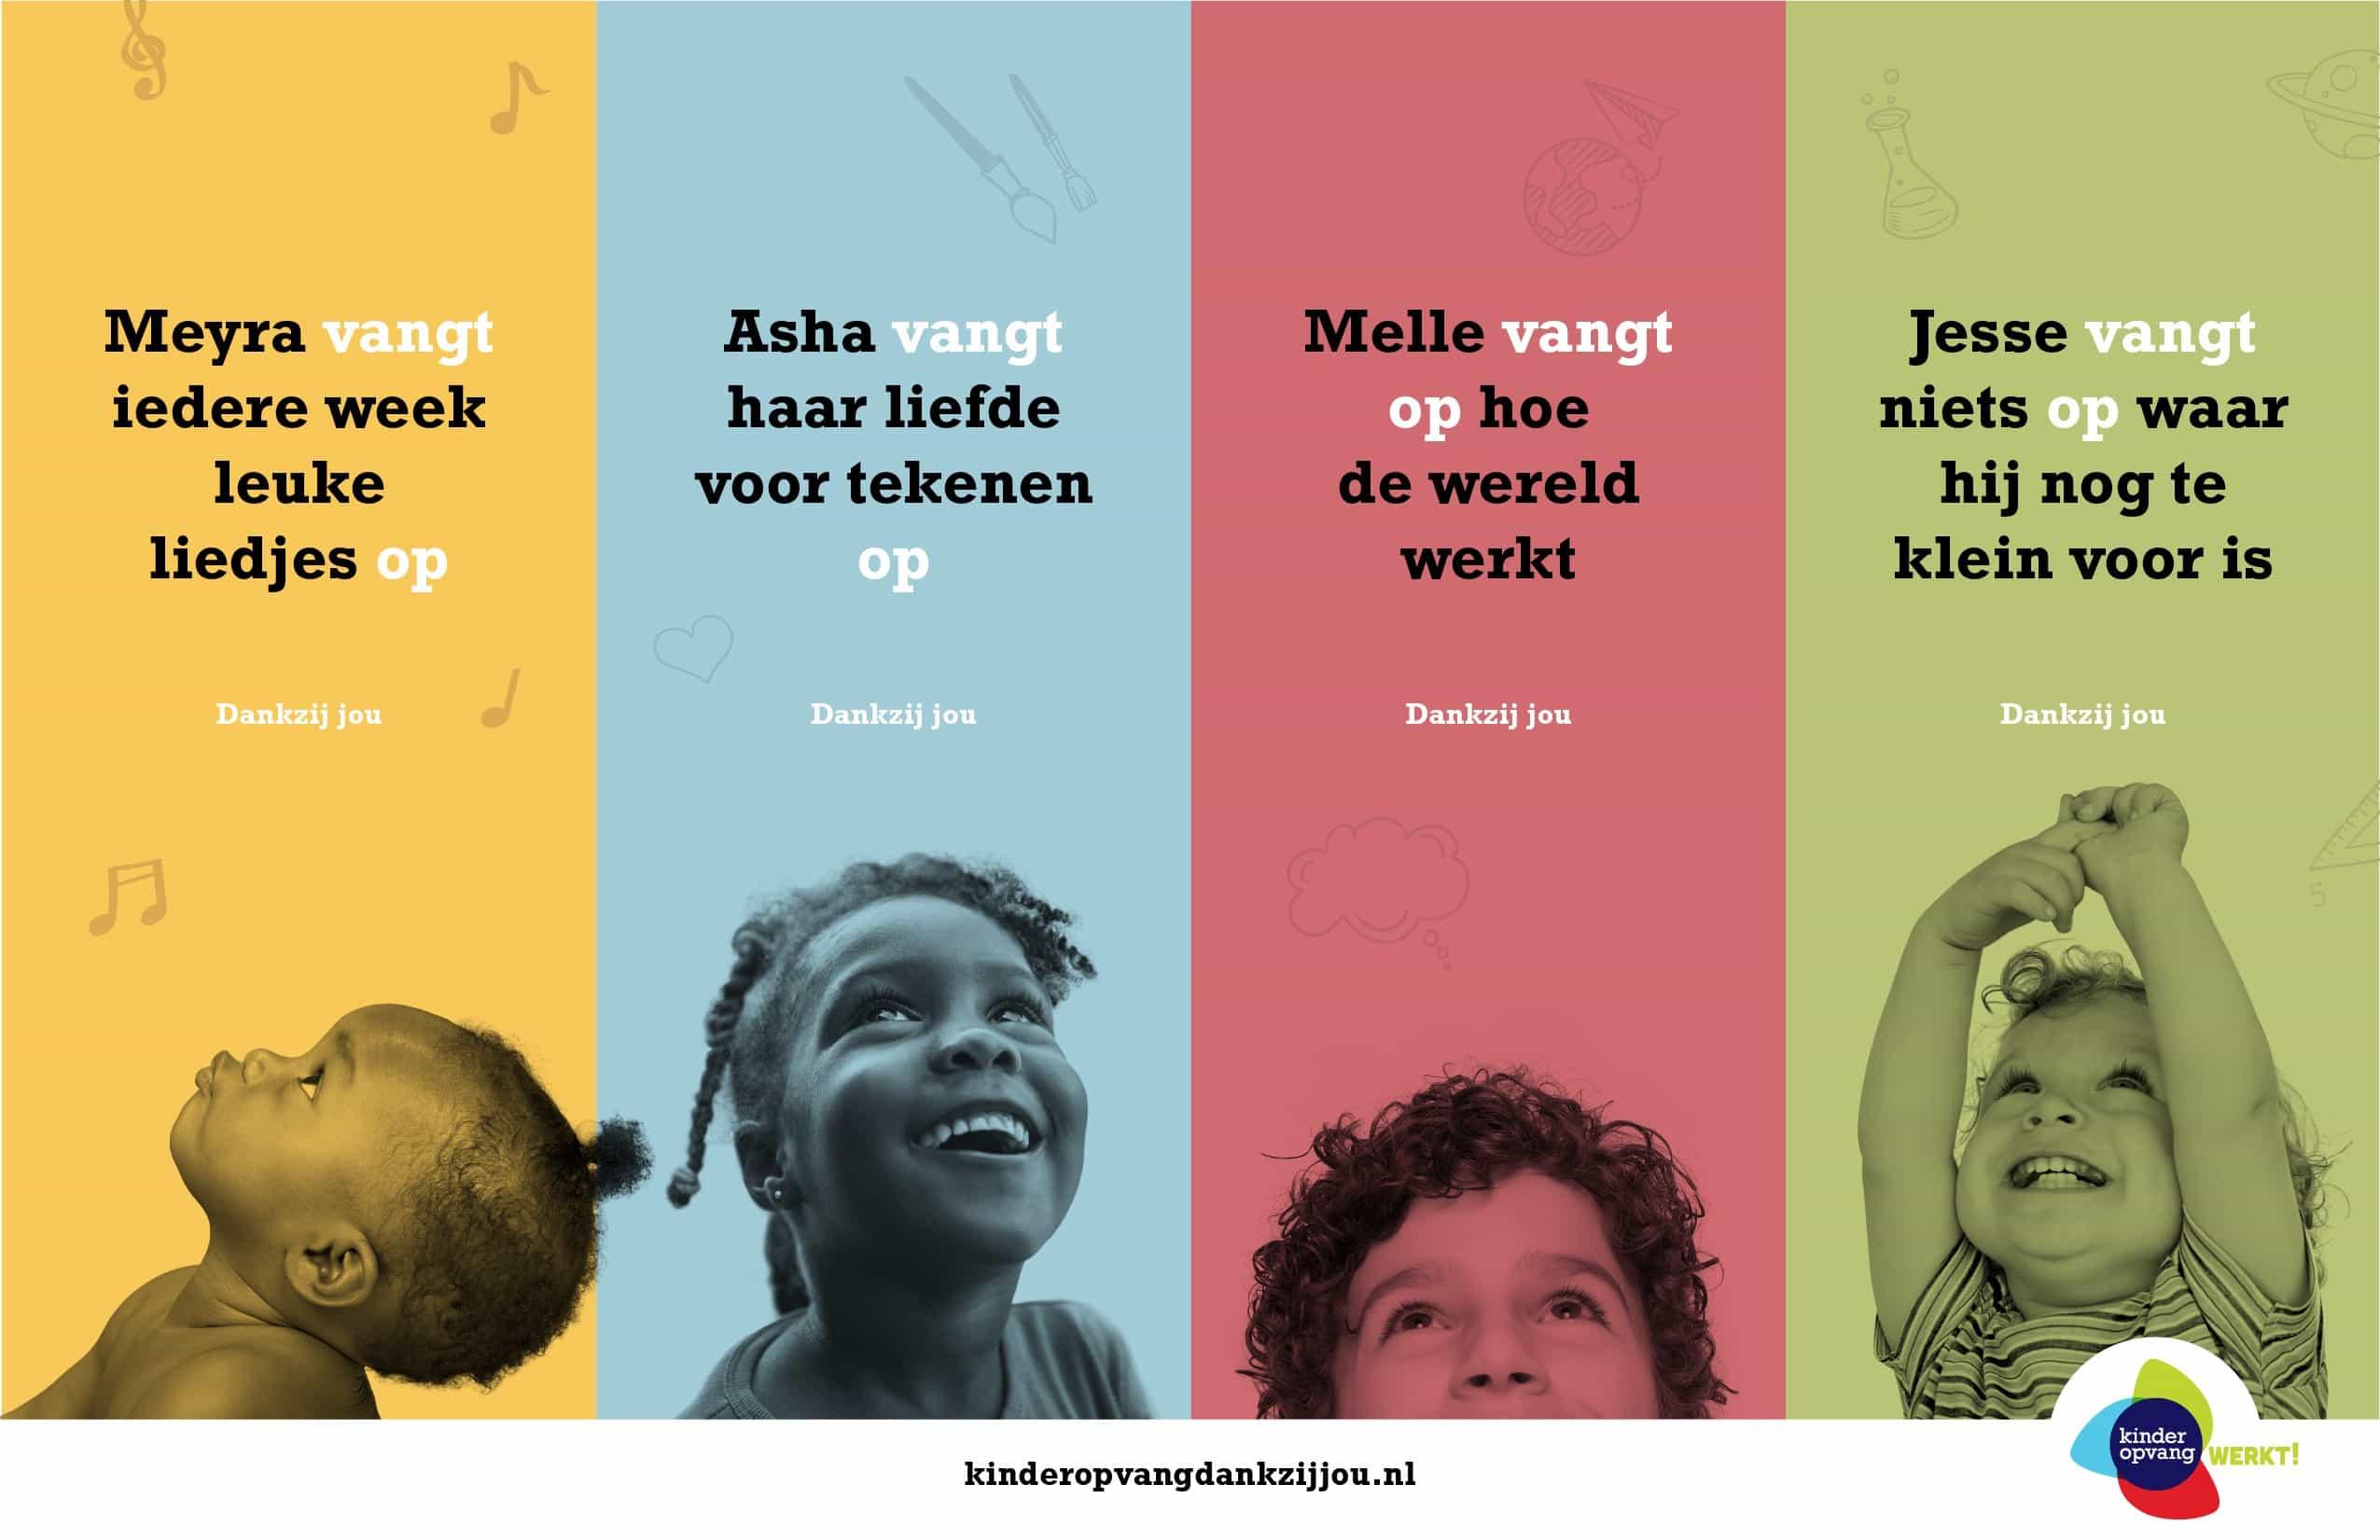 Campagne 'kinderopvang dankzij jou' Kids First COP groep kinderopvang